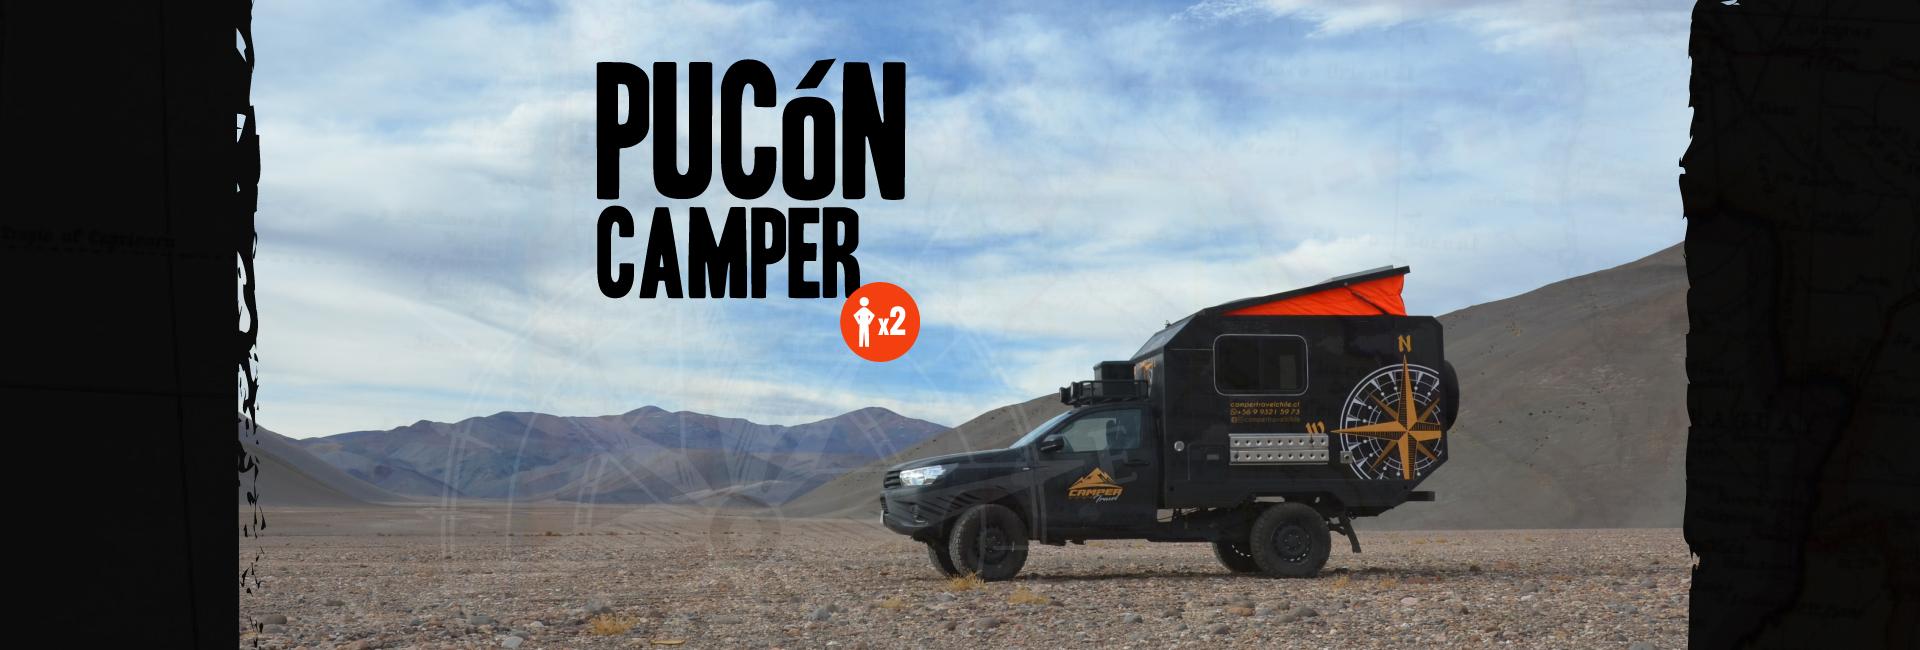 banner-camper1